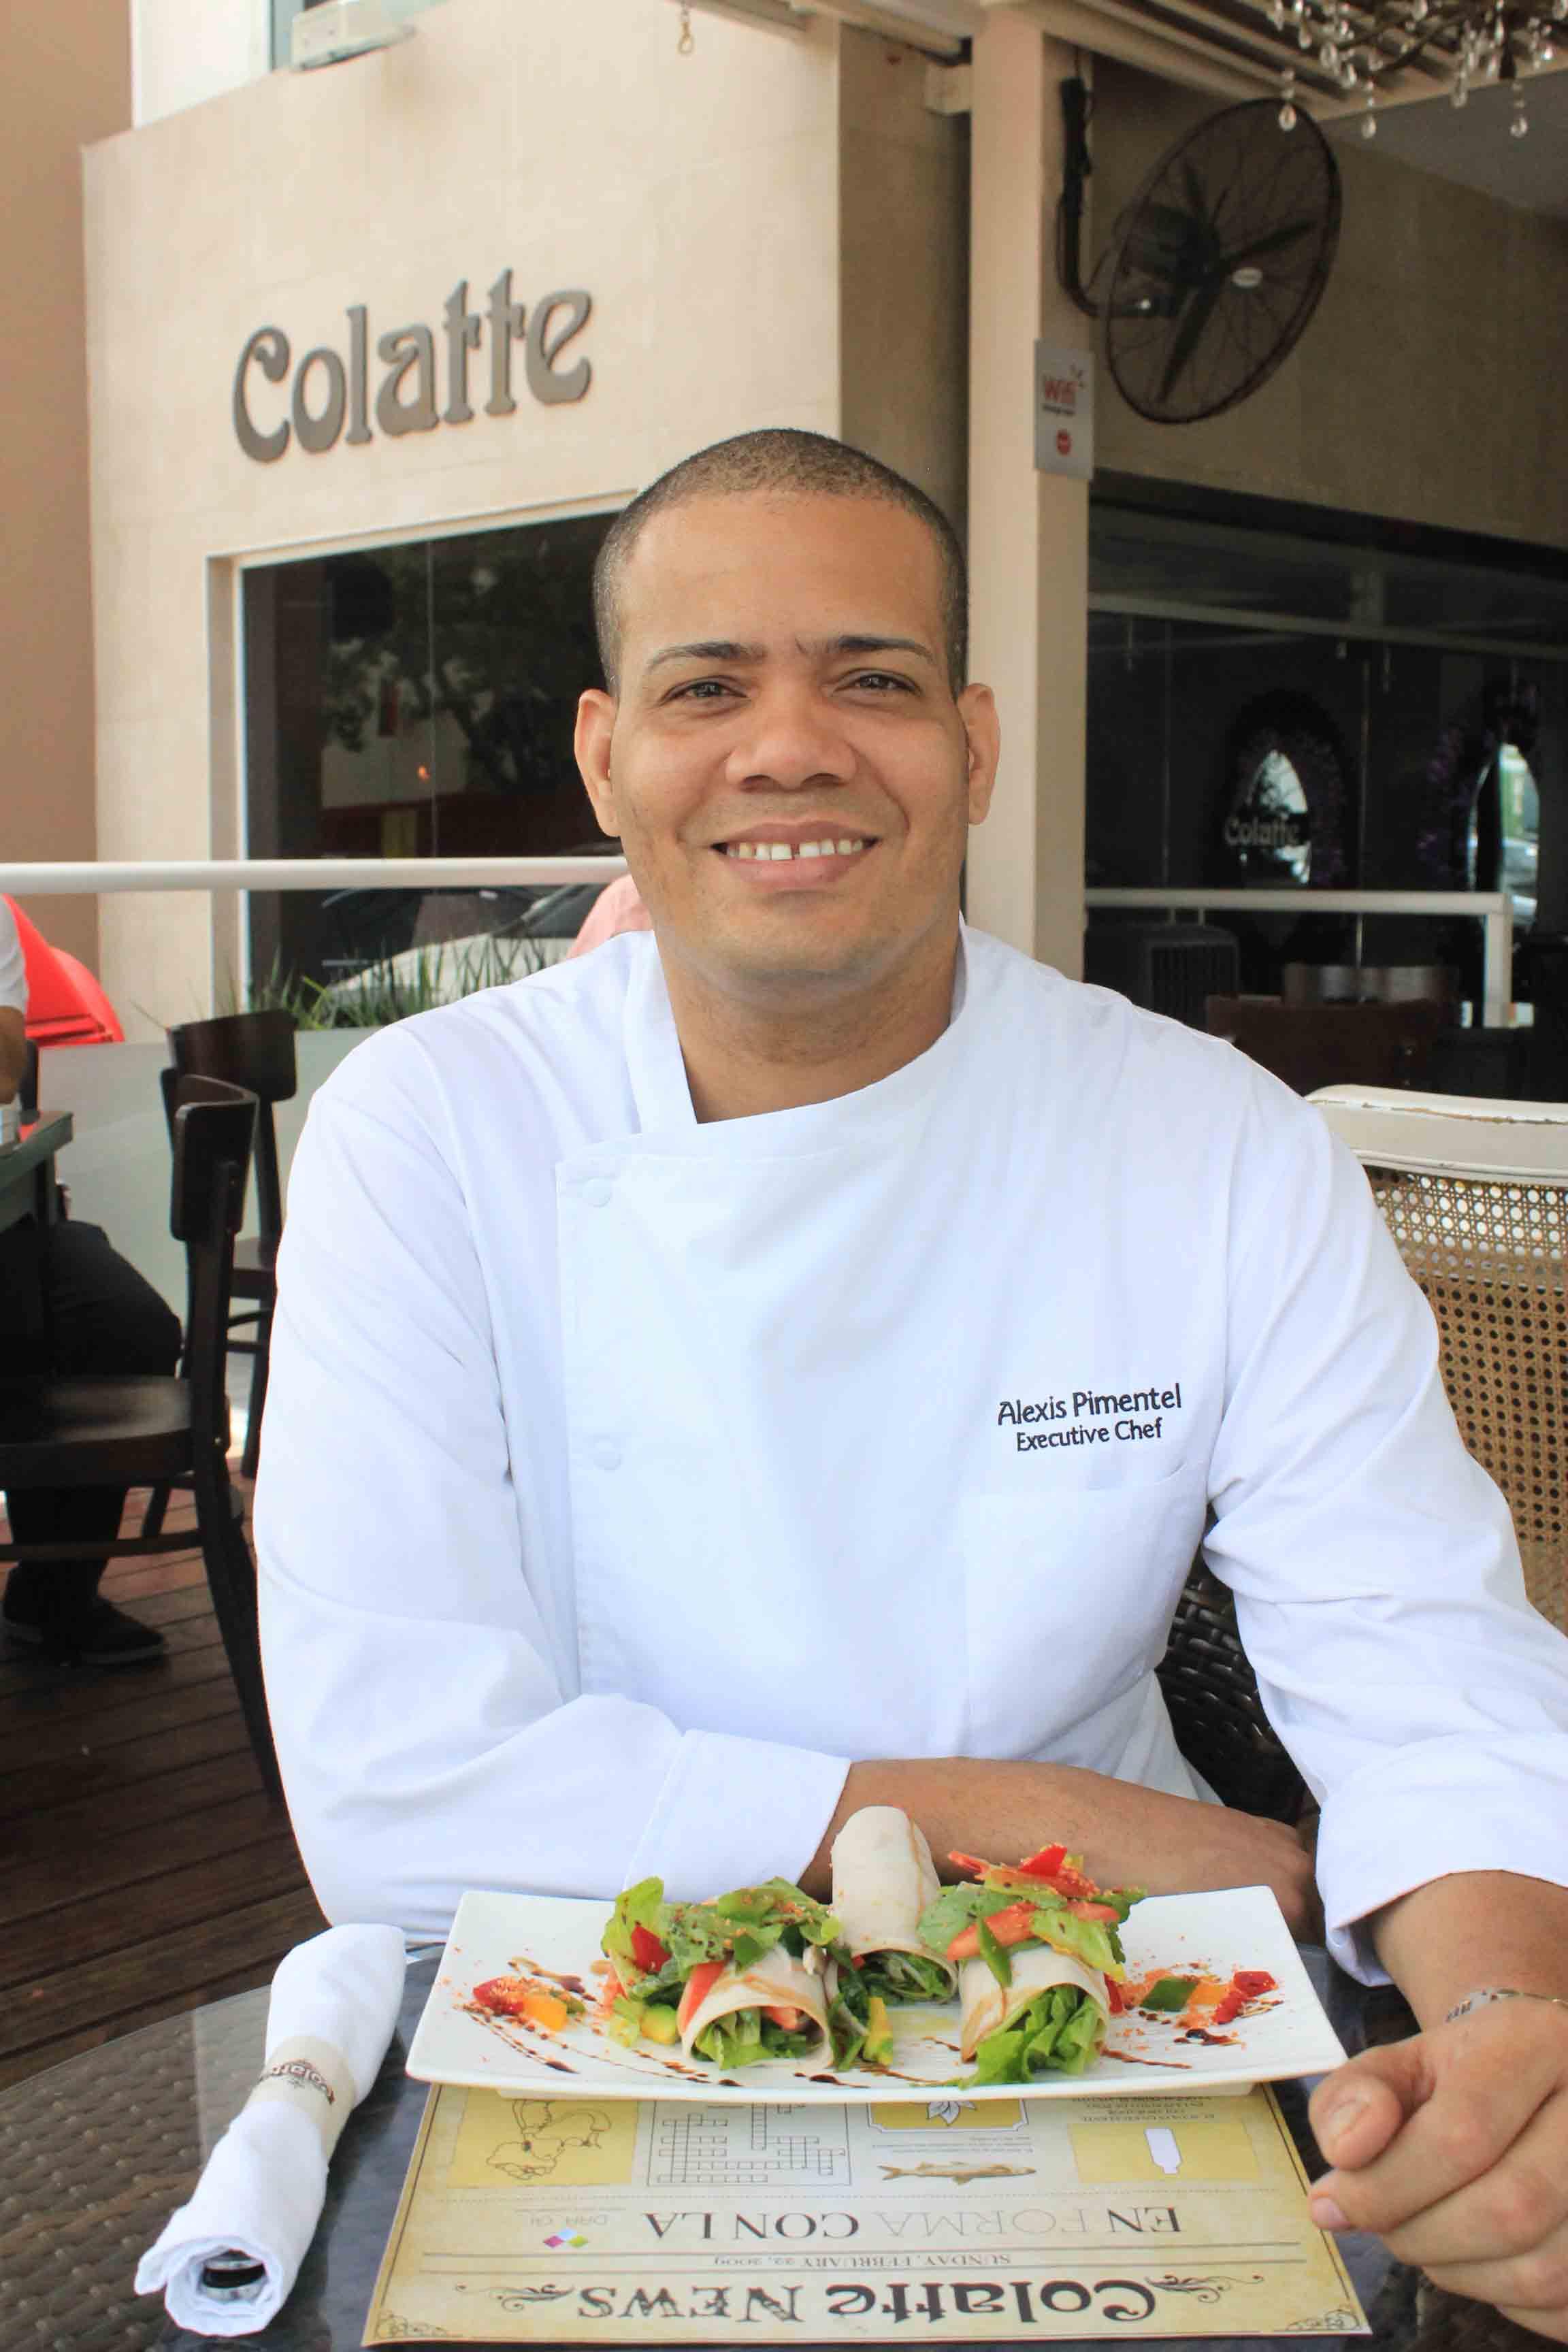 La cocina de rutagourmetigrd en mayo y junio ruta gourmet - Chef gourmet 4000 ...